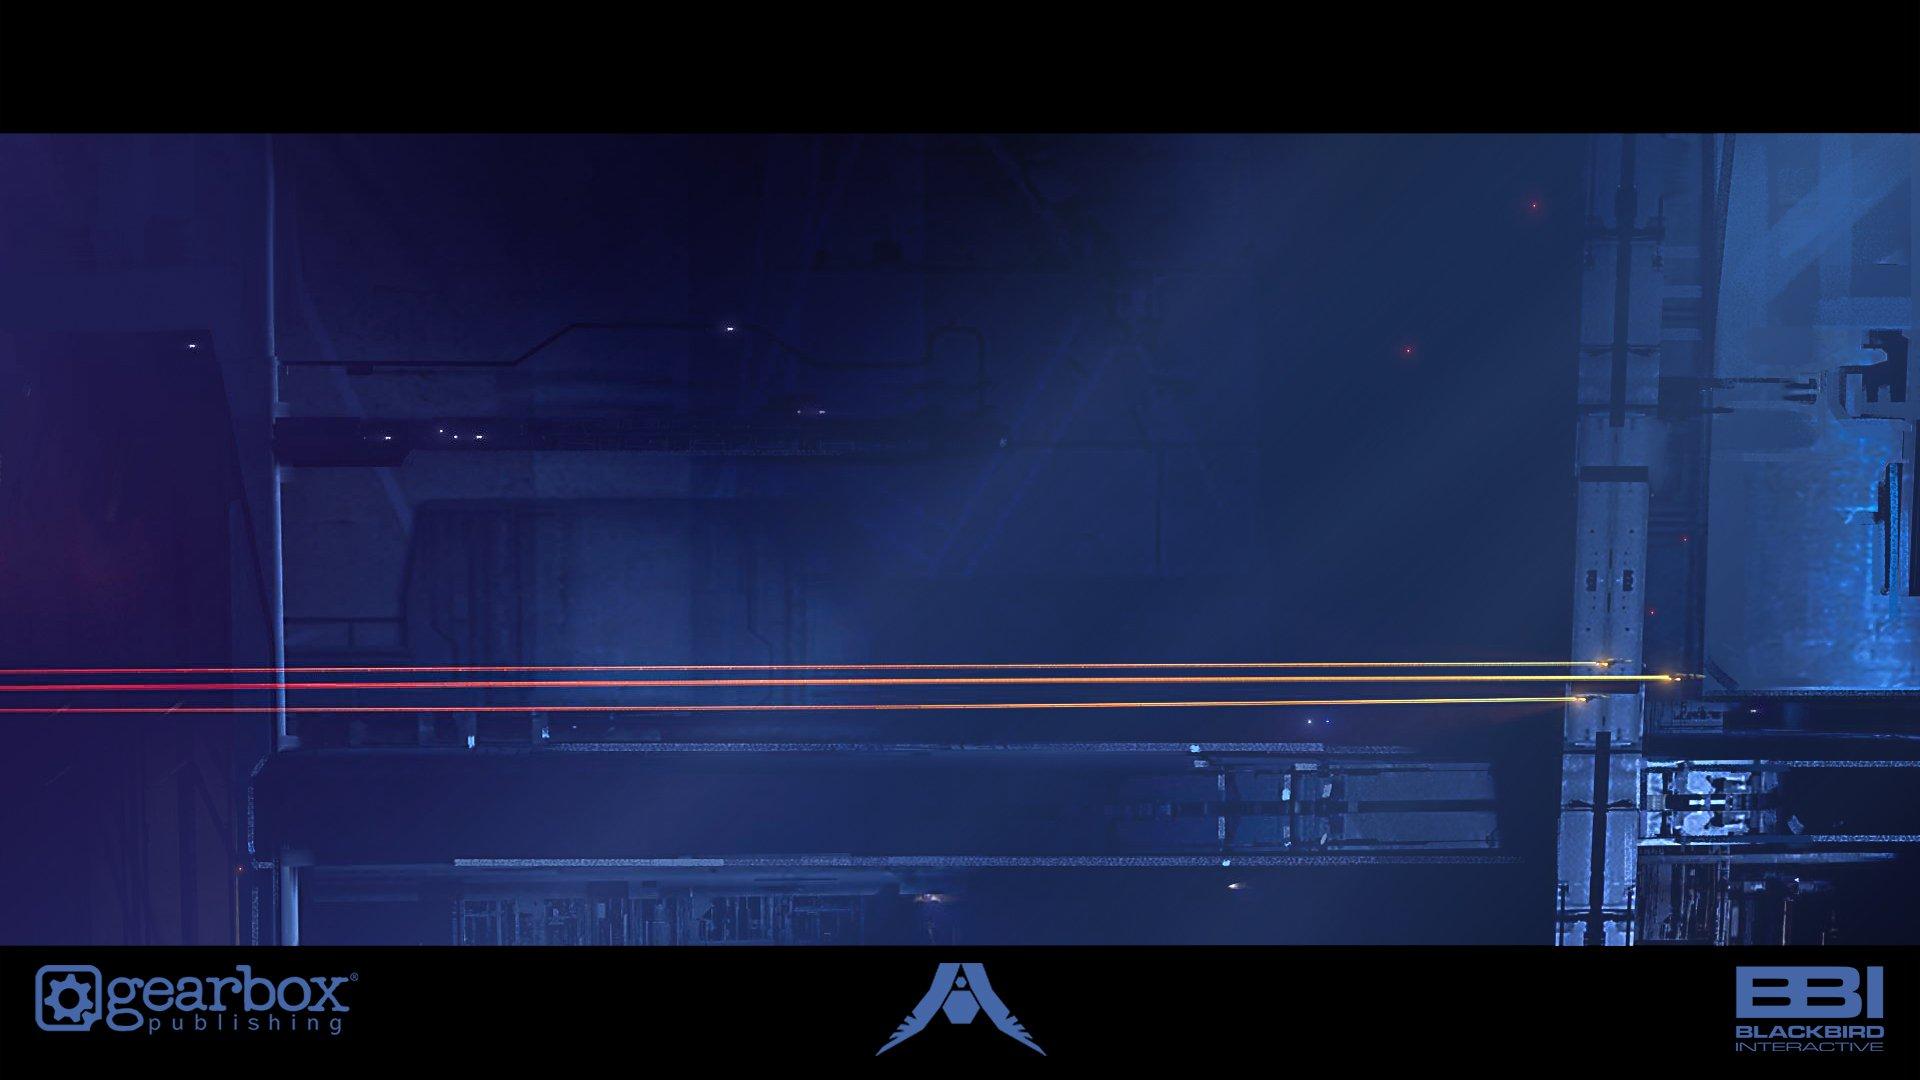 Издатель Gearbox анонсировал третью часть Homeworld — с датой релиза в 2022-м 1